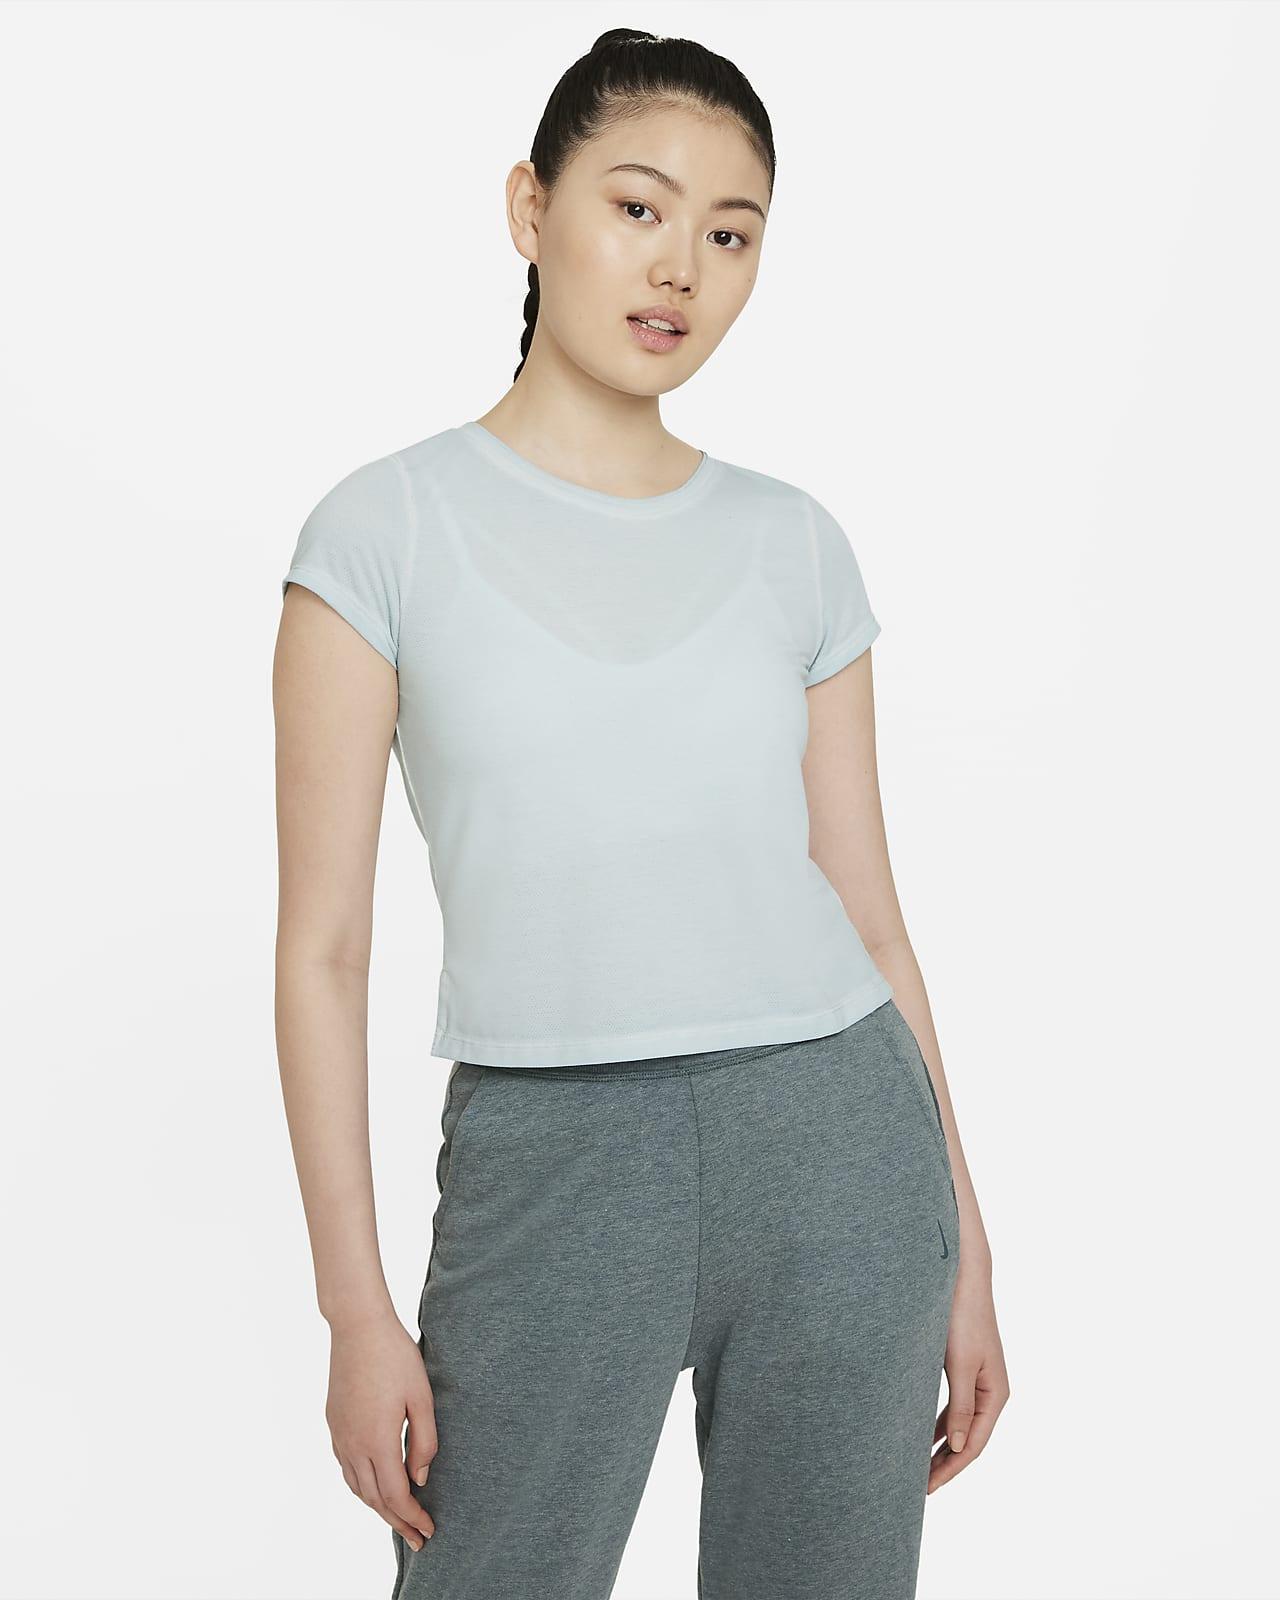 เสื้อแขนสั้นผู้หญิง Nike Yoga Dri-FIT